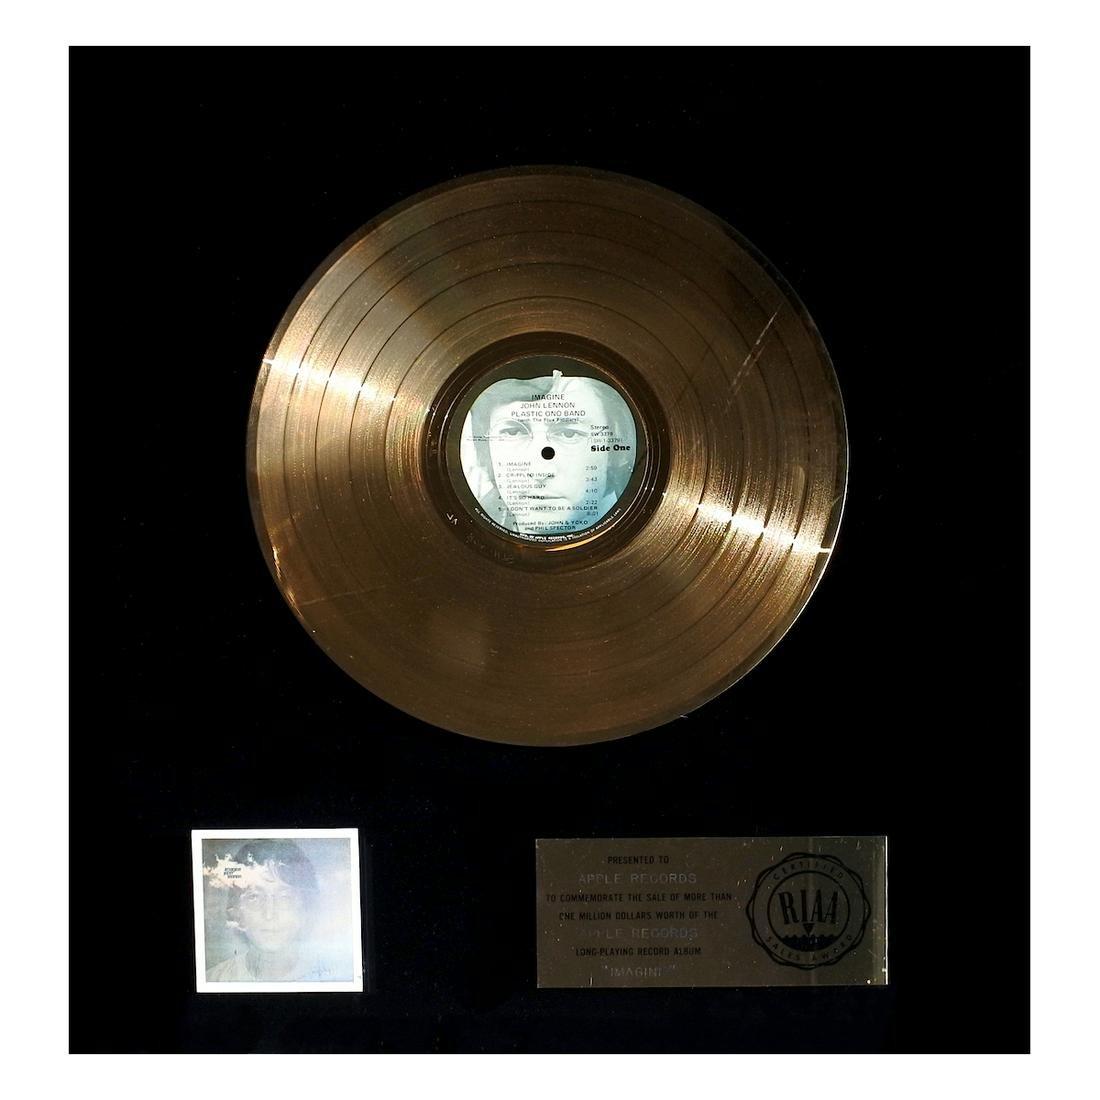 John Lennon - Imagine - RIAA Record Award